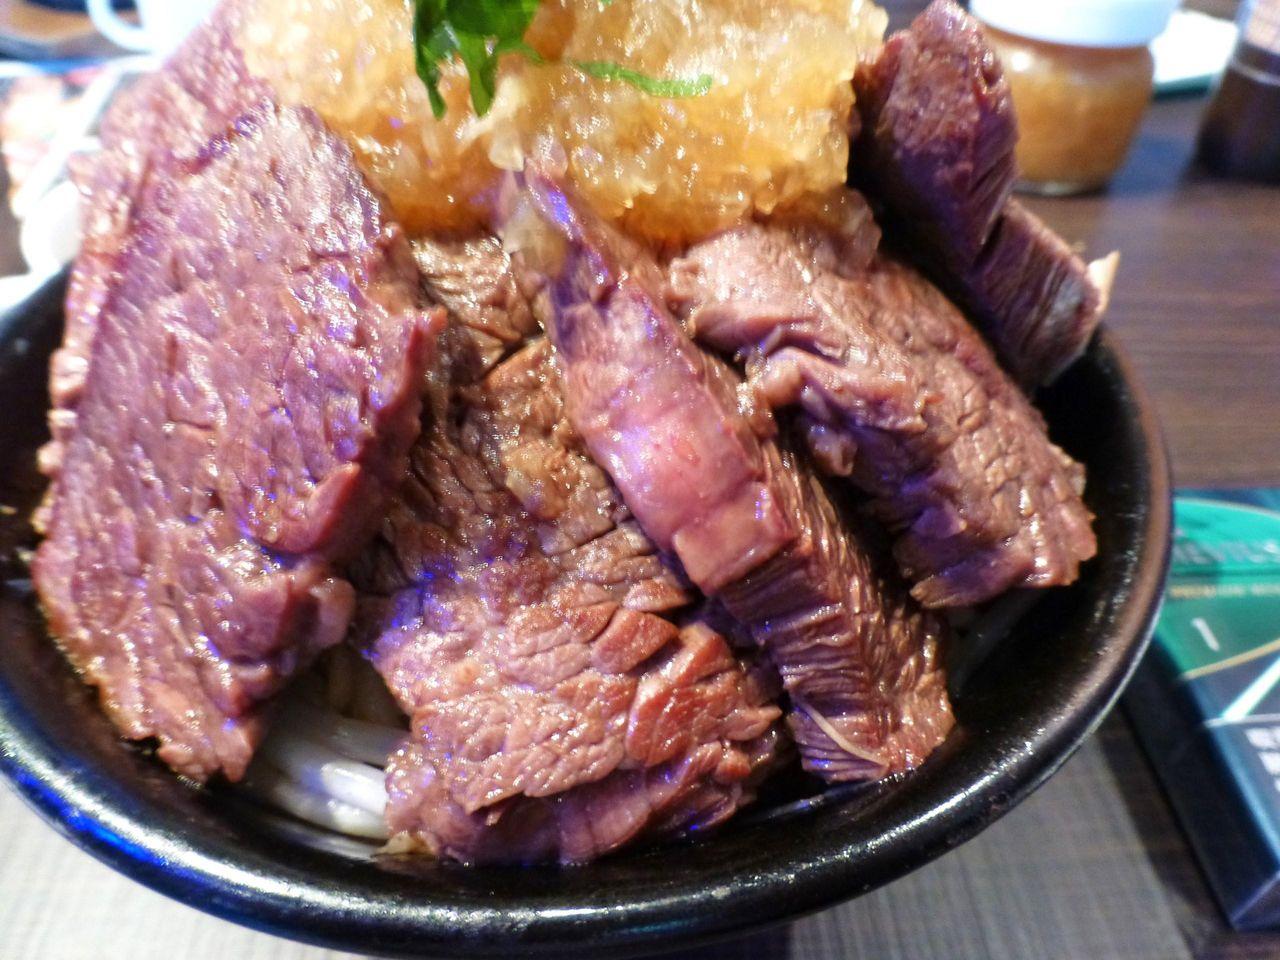 ステーキは赤身部分を使用して、少々硬めの歯応え!